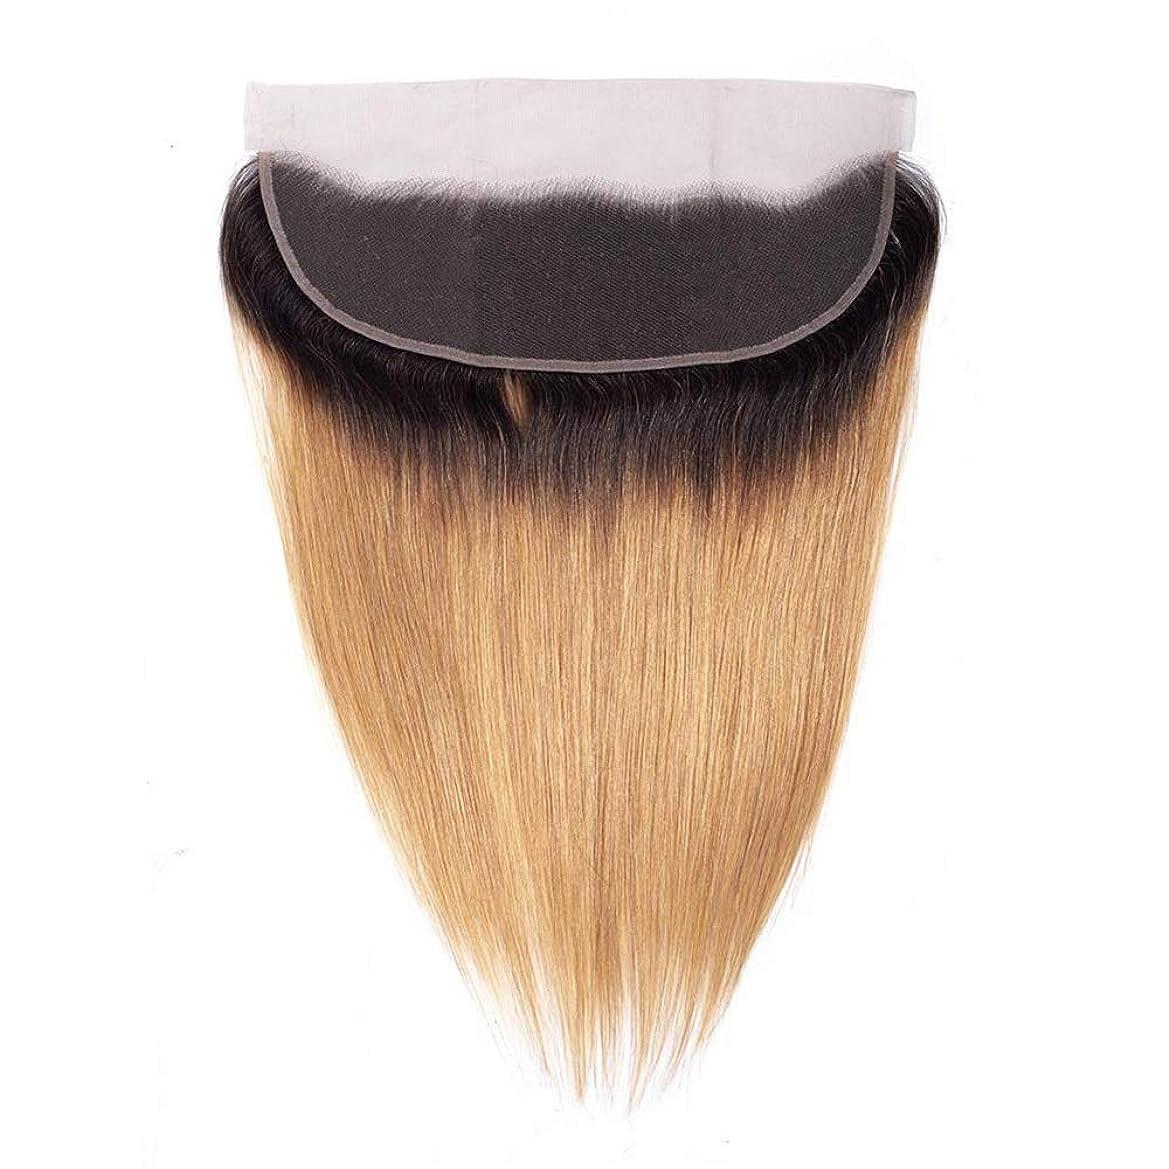 特異性騒乱分離するBOBIDYEE ストレートヘア前頭耳に耳レース前頭閉鎖13 * 4閉鎖人間の髪の毛の茶色の髪の拡張子フルヘッドファッションかつらかつら (色 : ブラウン, サイズ : 8 inch)